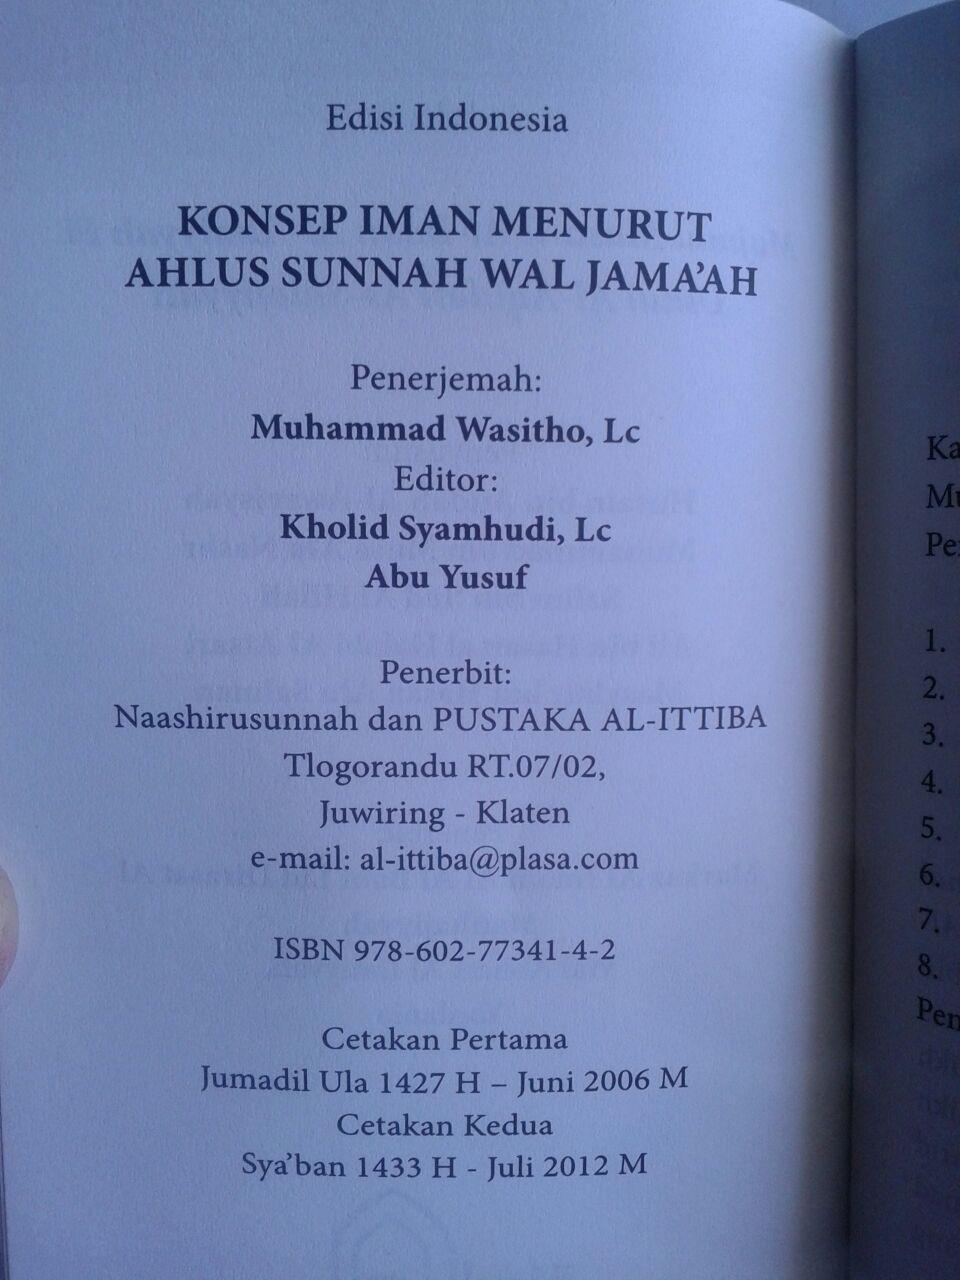 Buku Saku Konsep Iman Menurut Ahlus Sunnah Wal Jama'ah isi 3